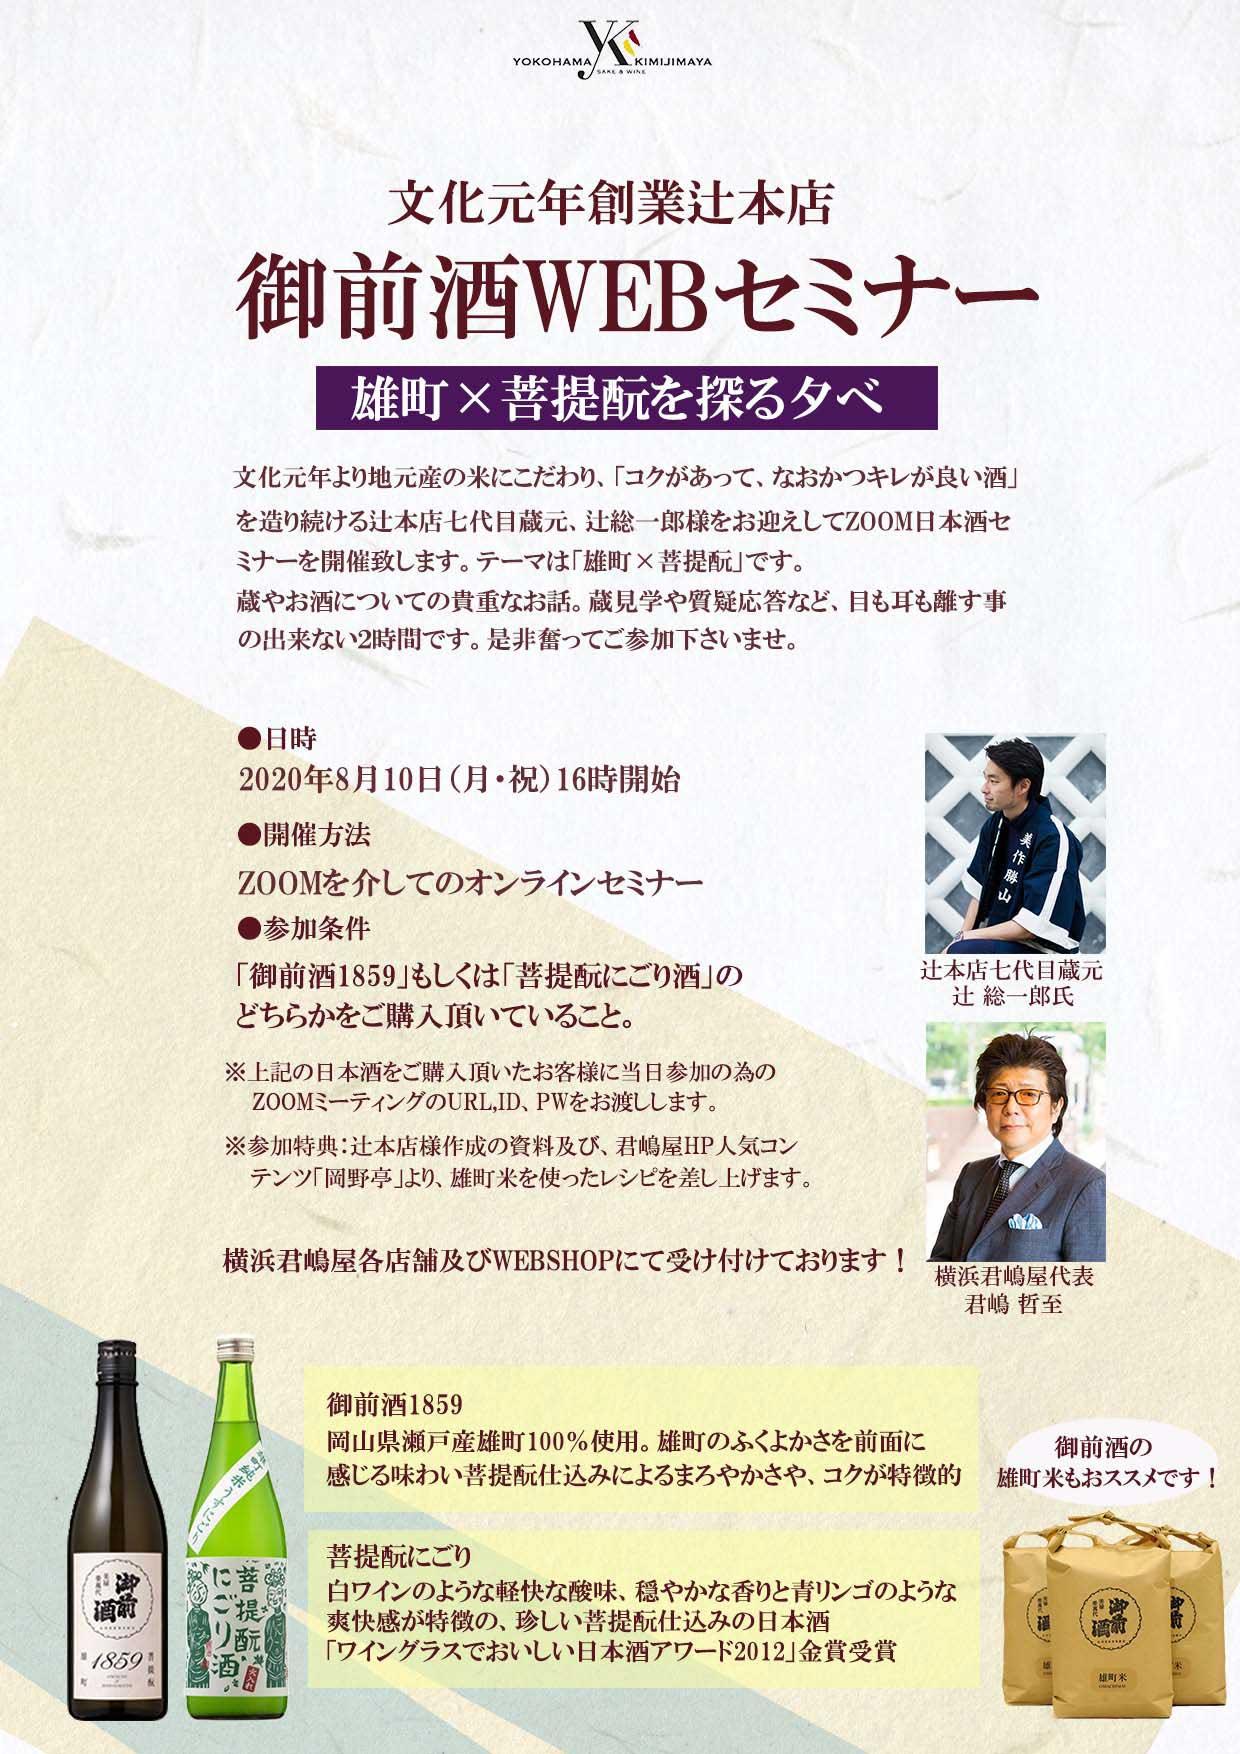 御前酒WEBセミナー02